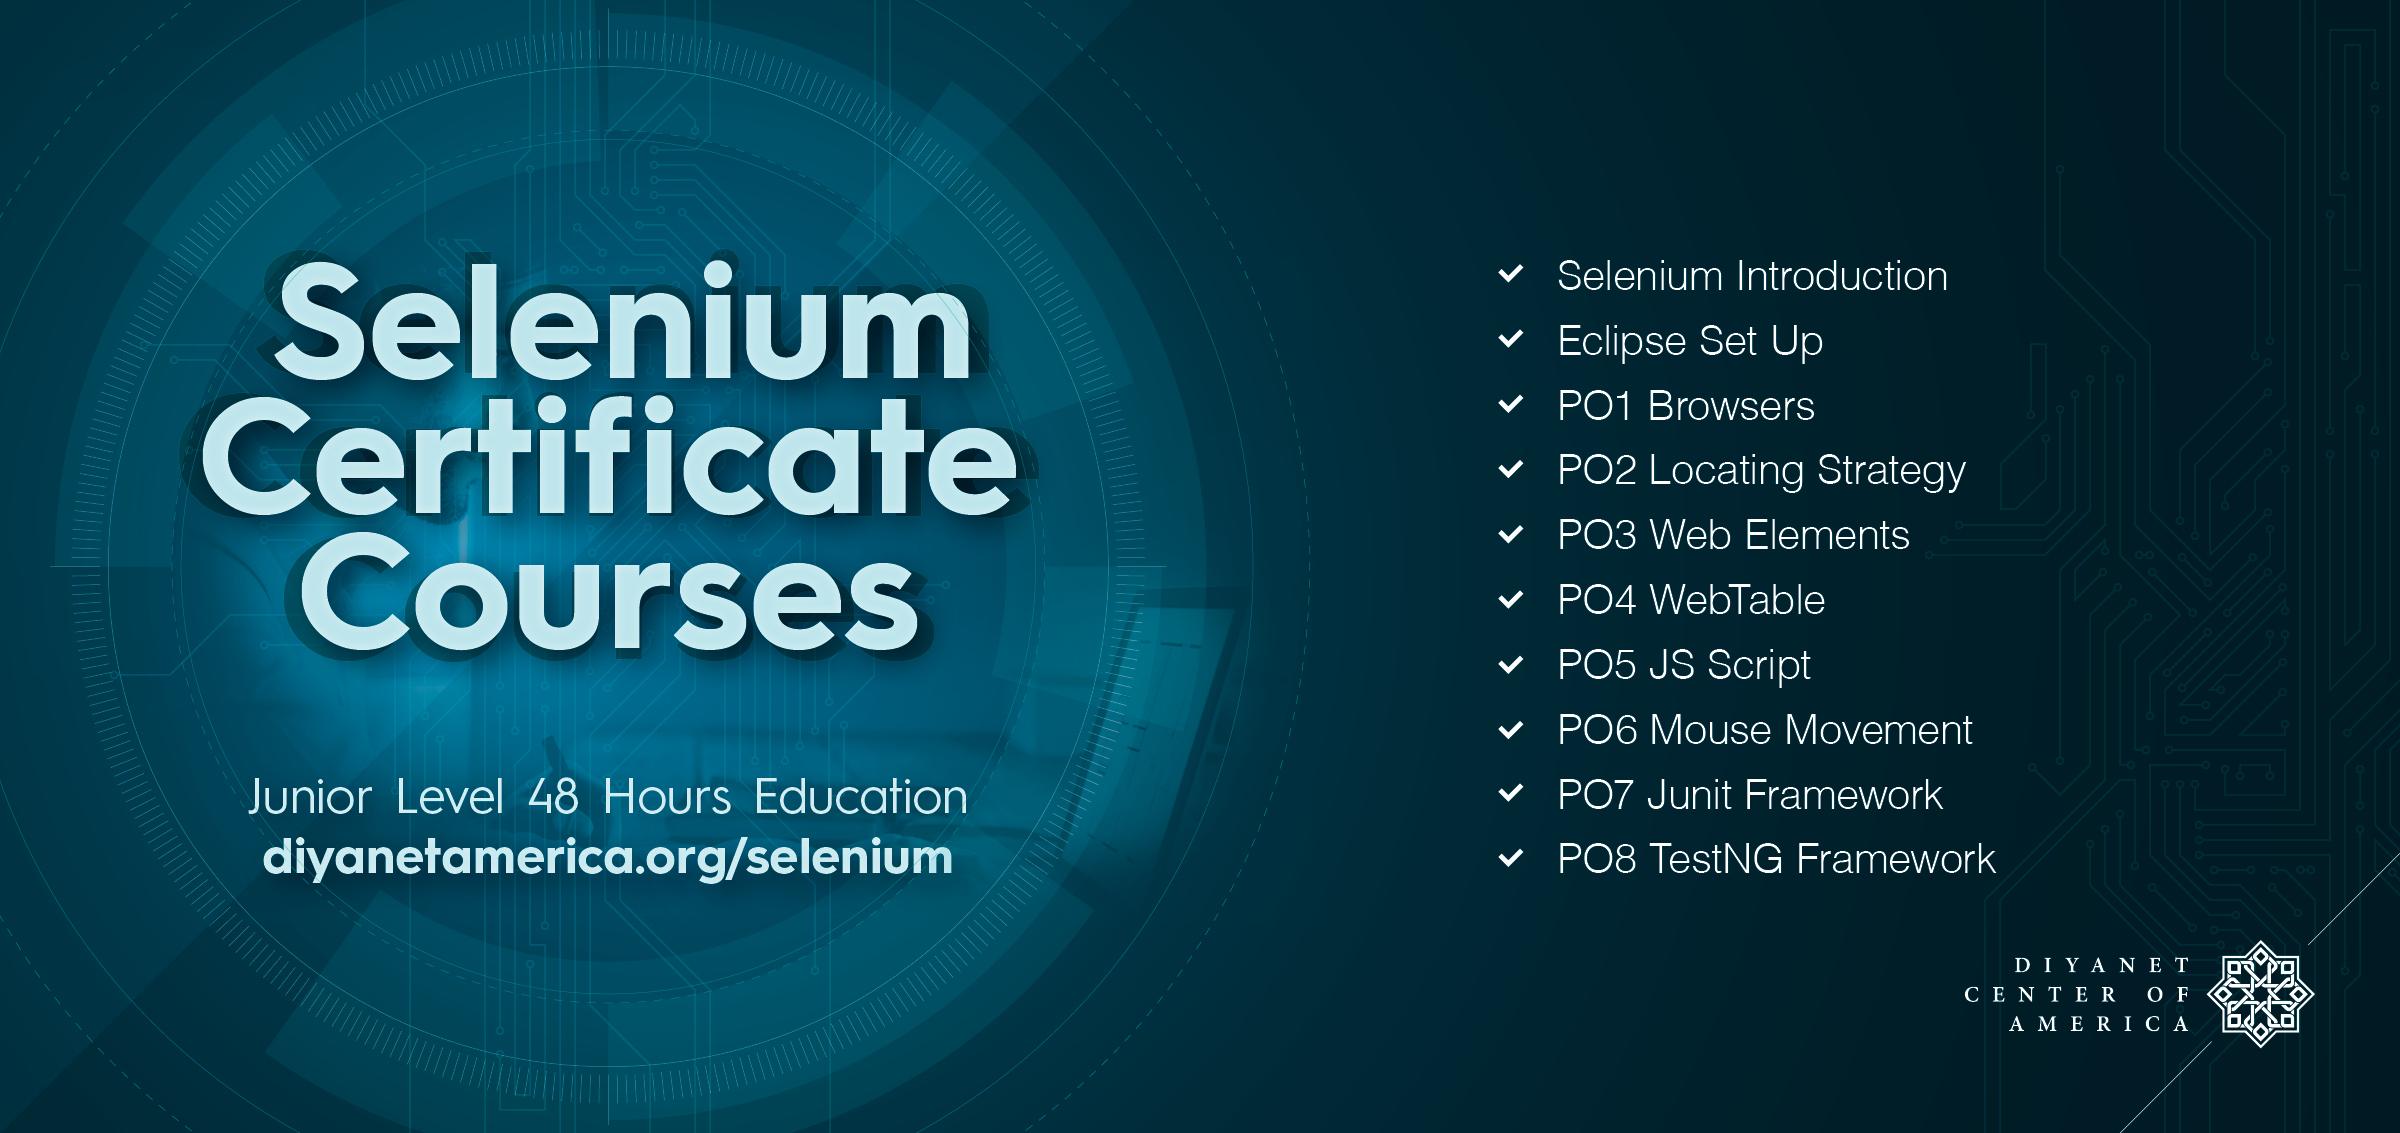 Selenium Certificate Course